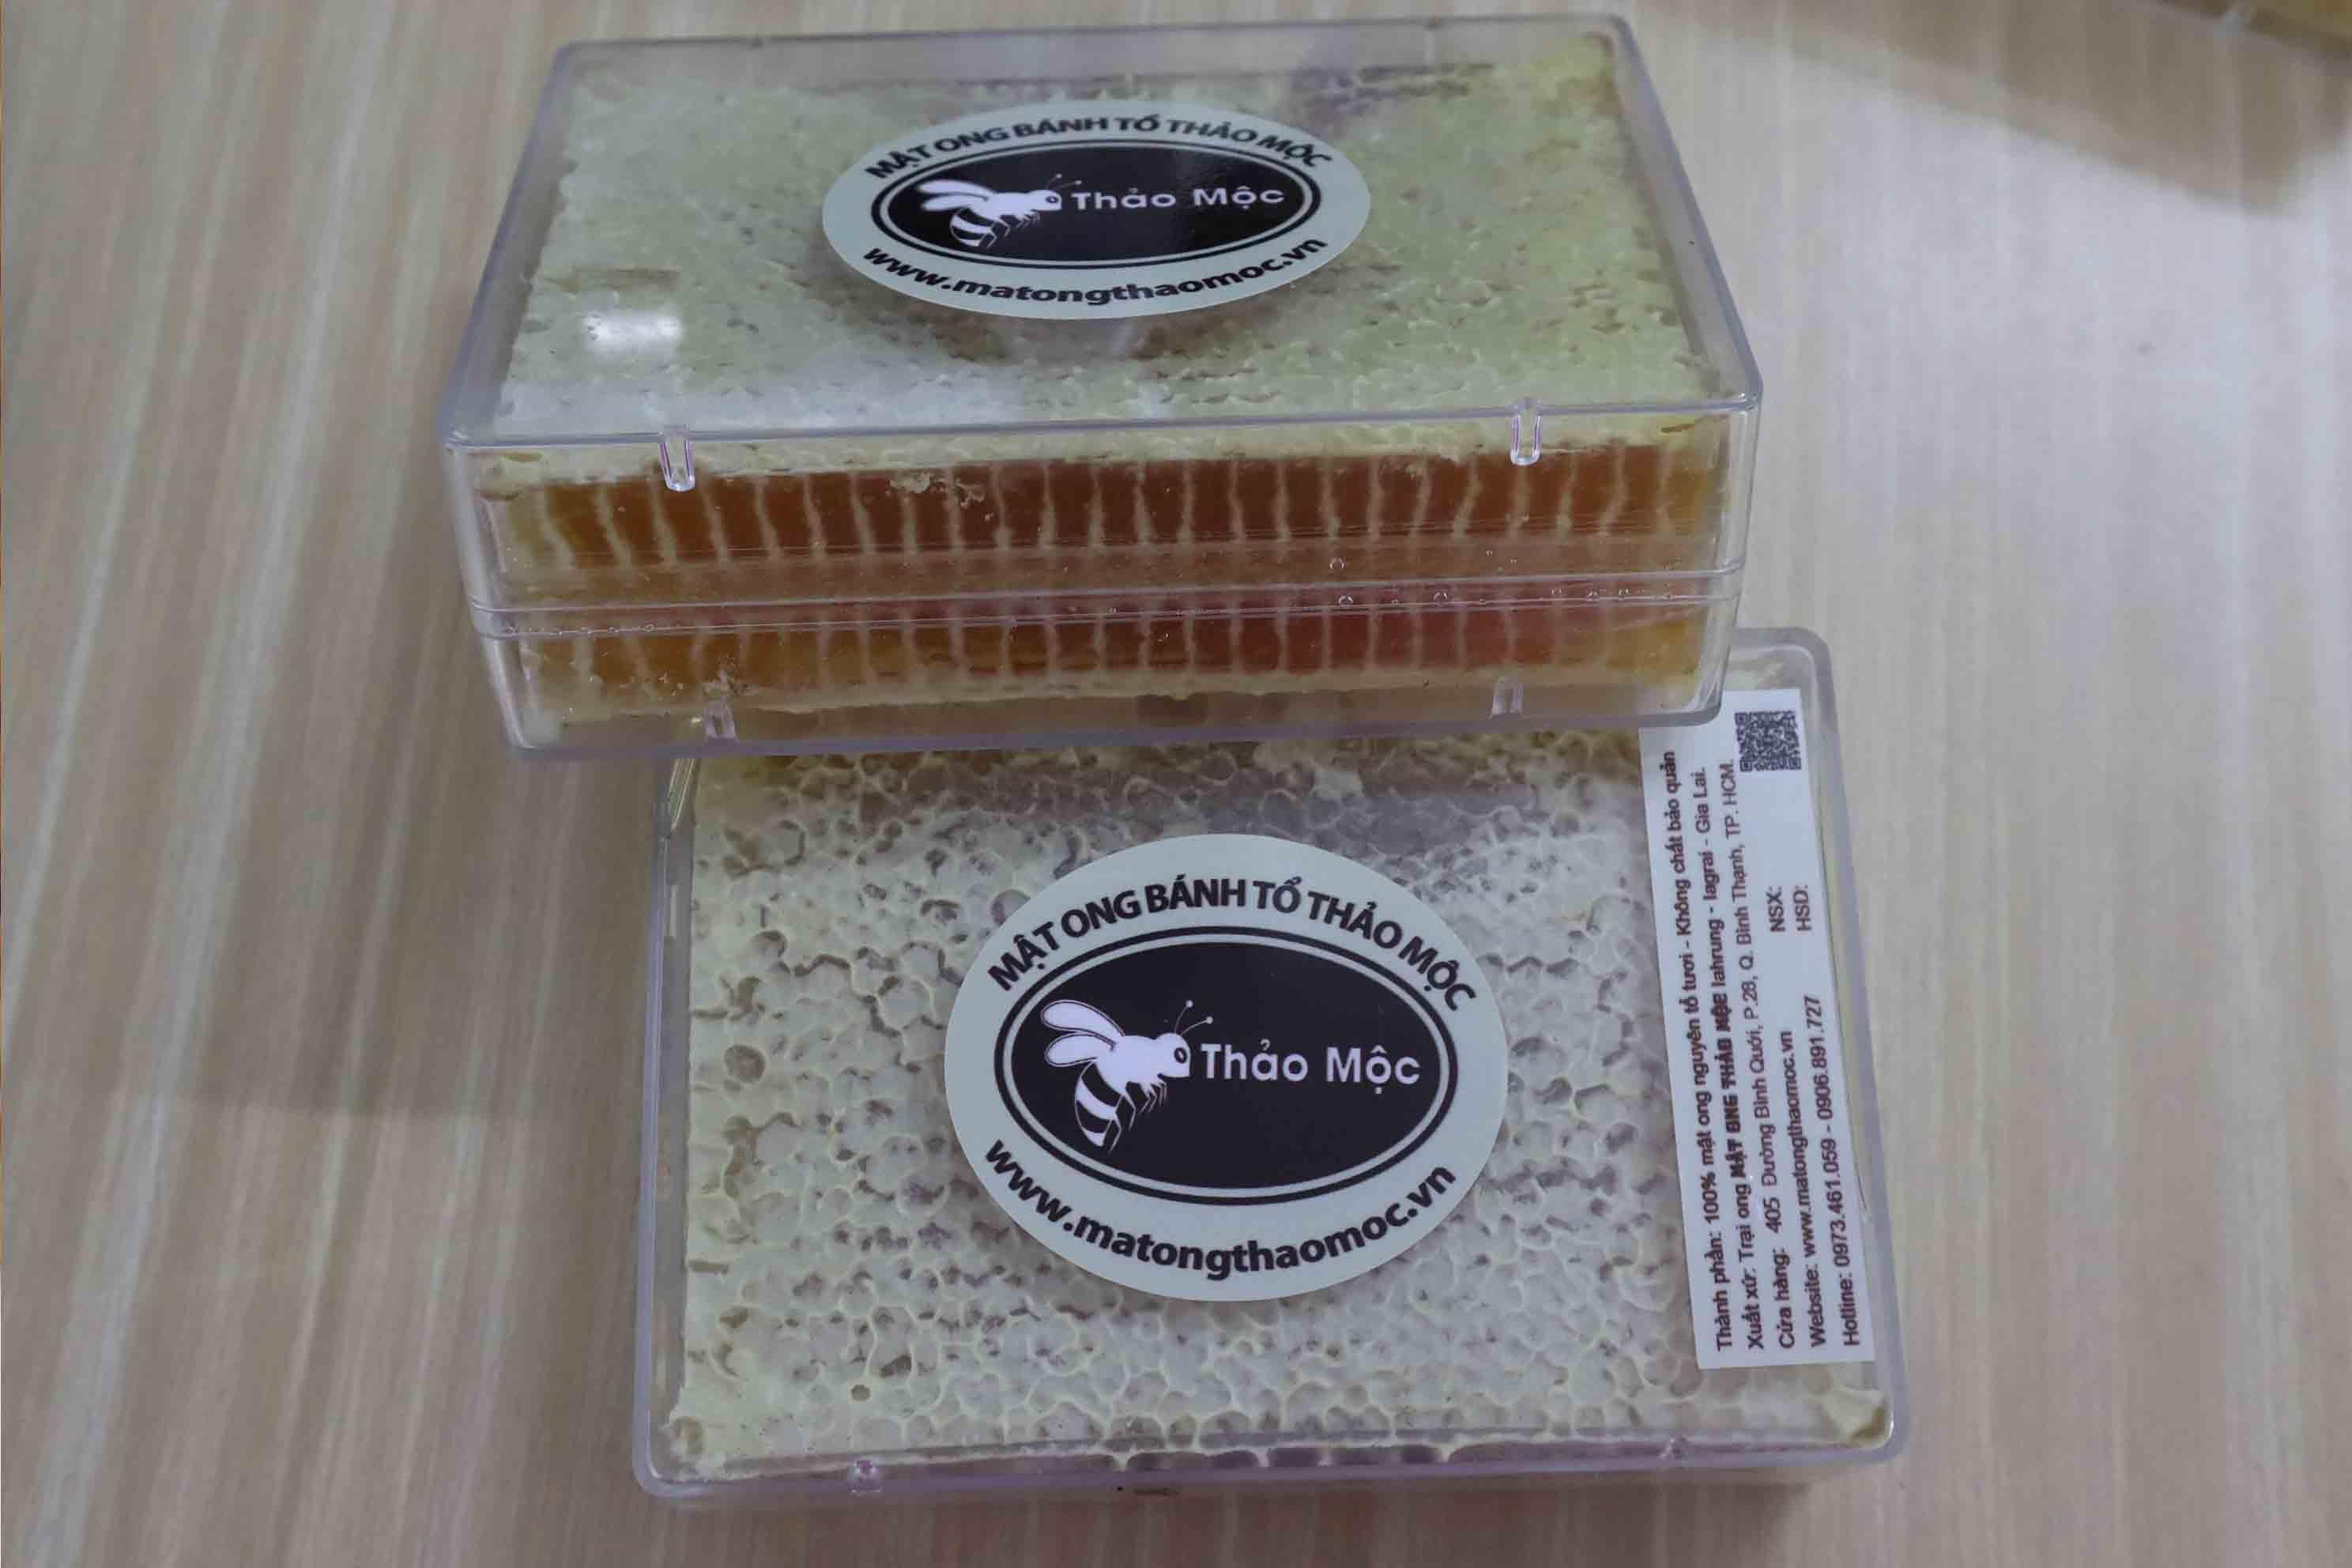 Mật Ong Bánh Tổ Thảo Mộc  Hộp 600gr Tặng 2 Hũ Mật Ong